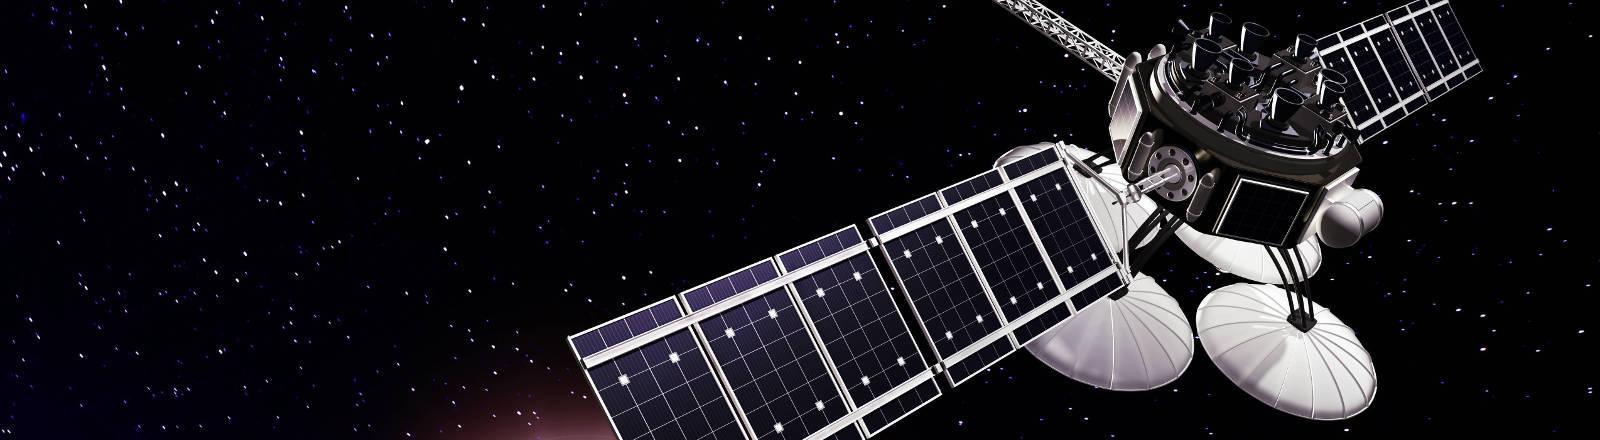 Küstlerische Darstellung eines Satelliten im Weltall